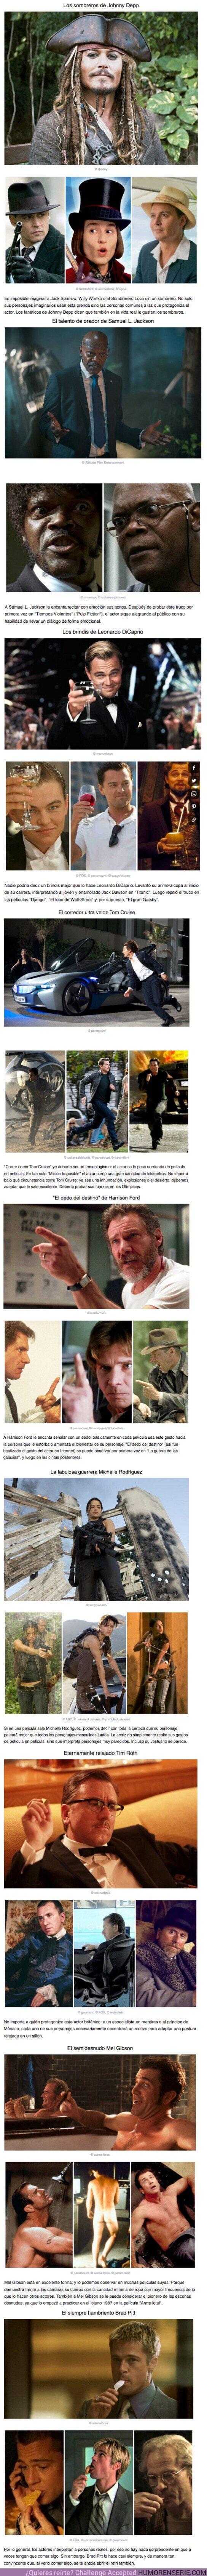 52978 - Los extraños gestos que algunos de estos 9 actores no paran de repetir en sus películas